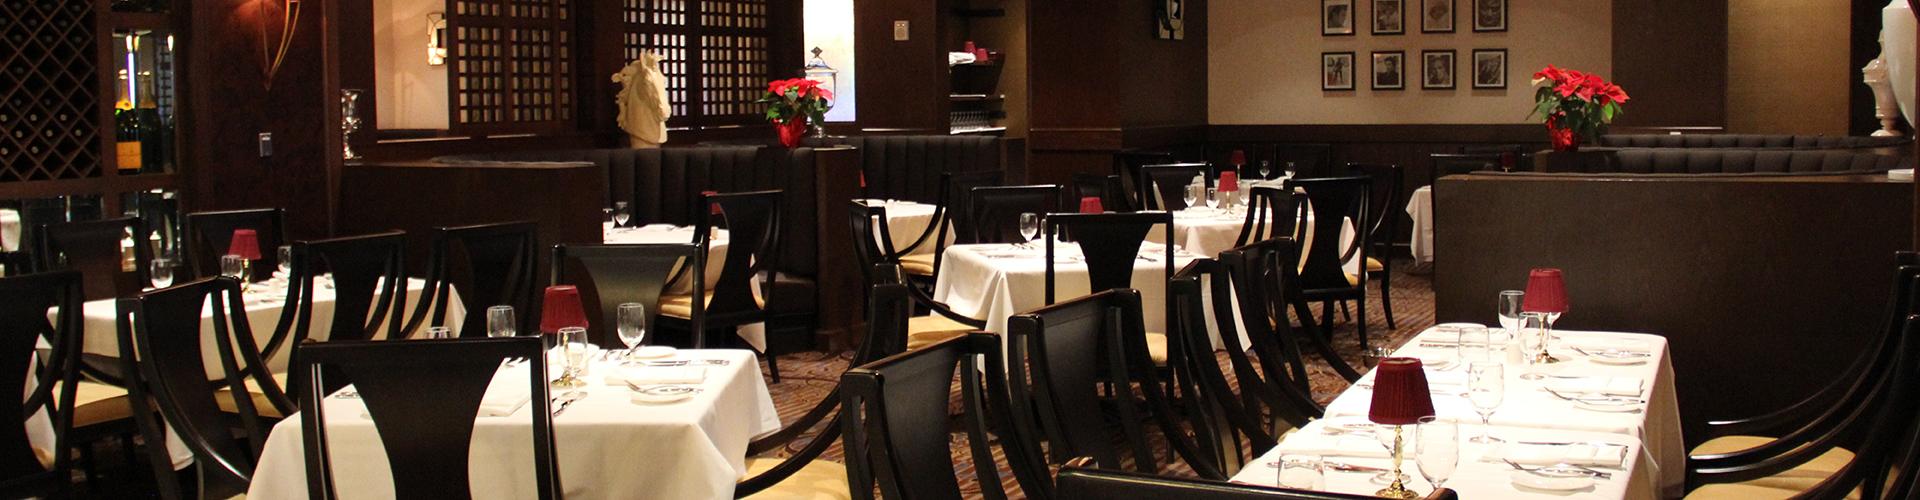 RW Prime Steakhouse